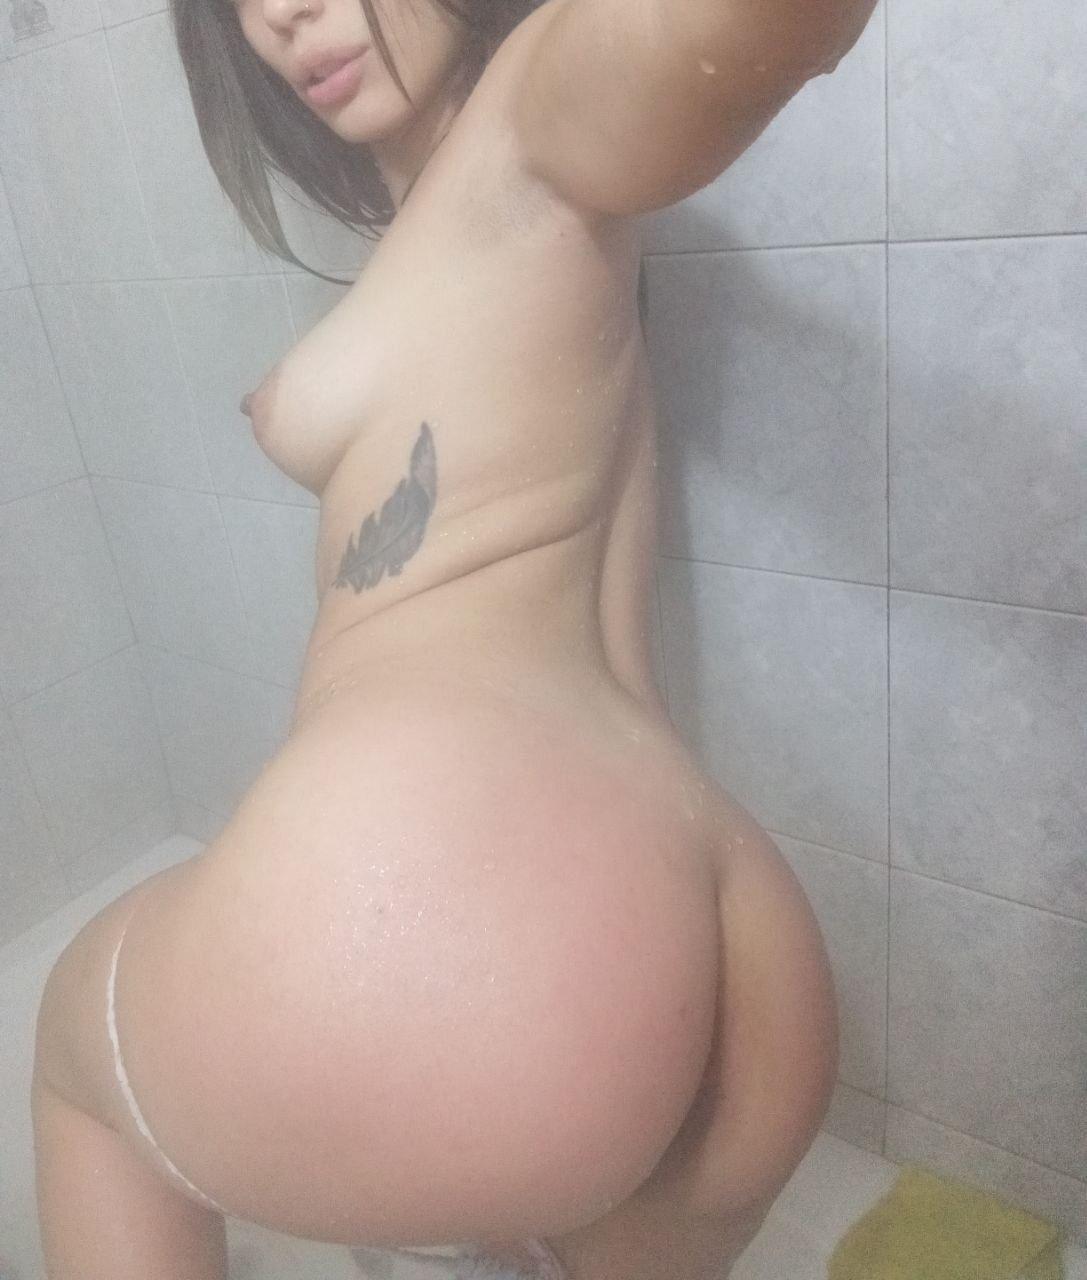 fotos putas culos bonitos